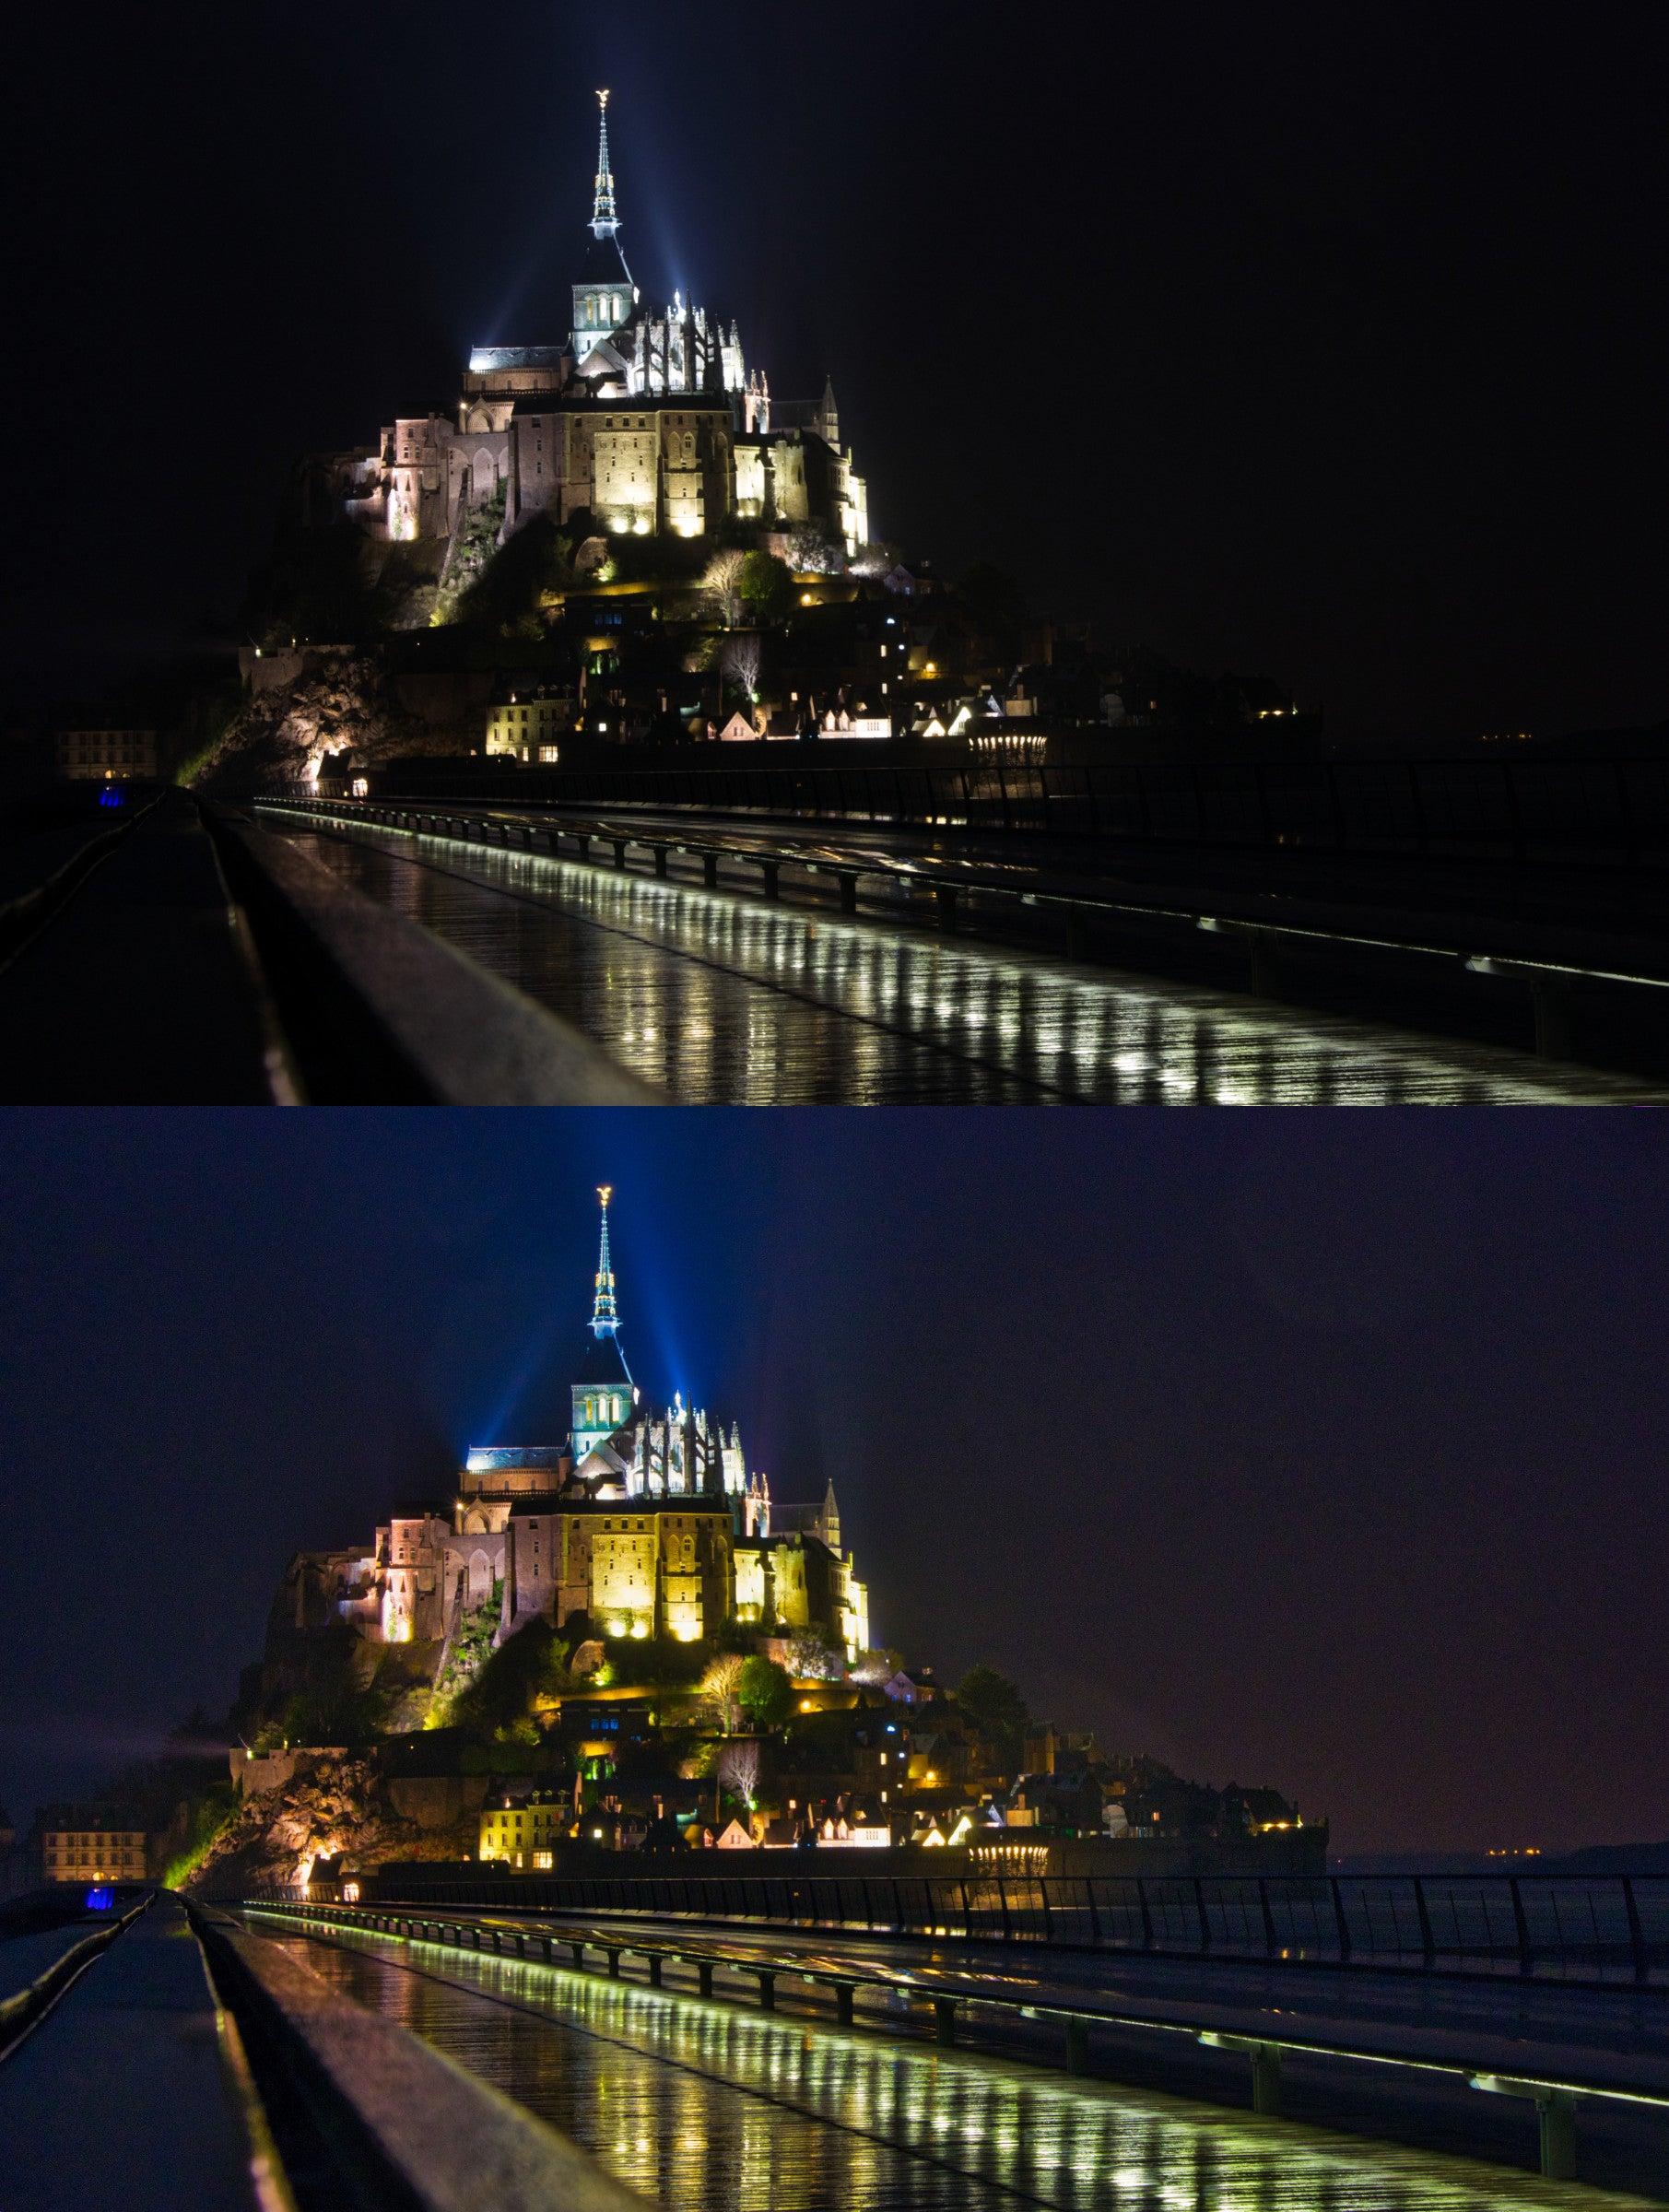 Bilder bei Nacht lassen sich enorm gut mit Luminar optimieren